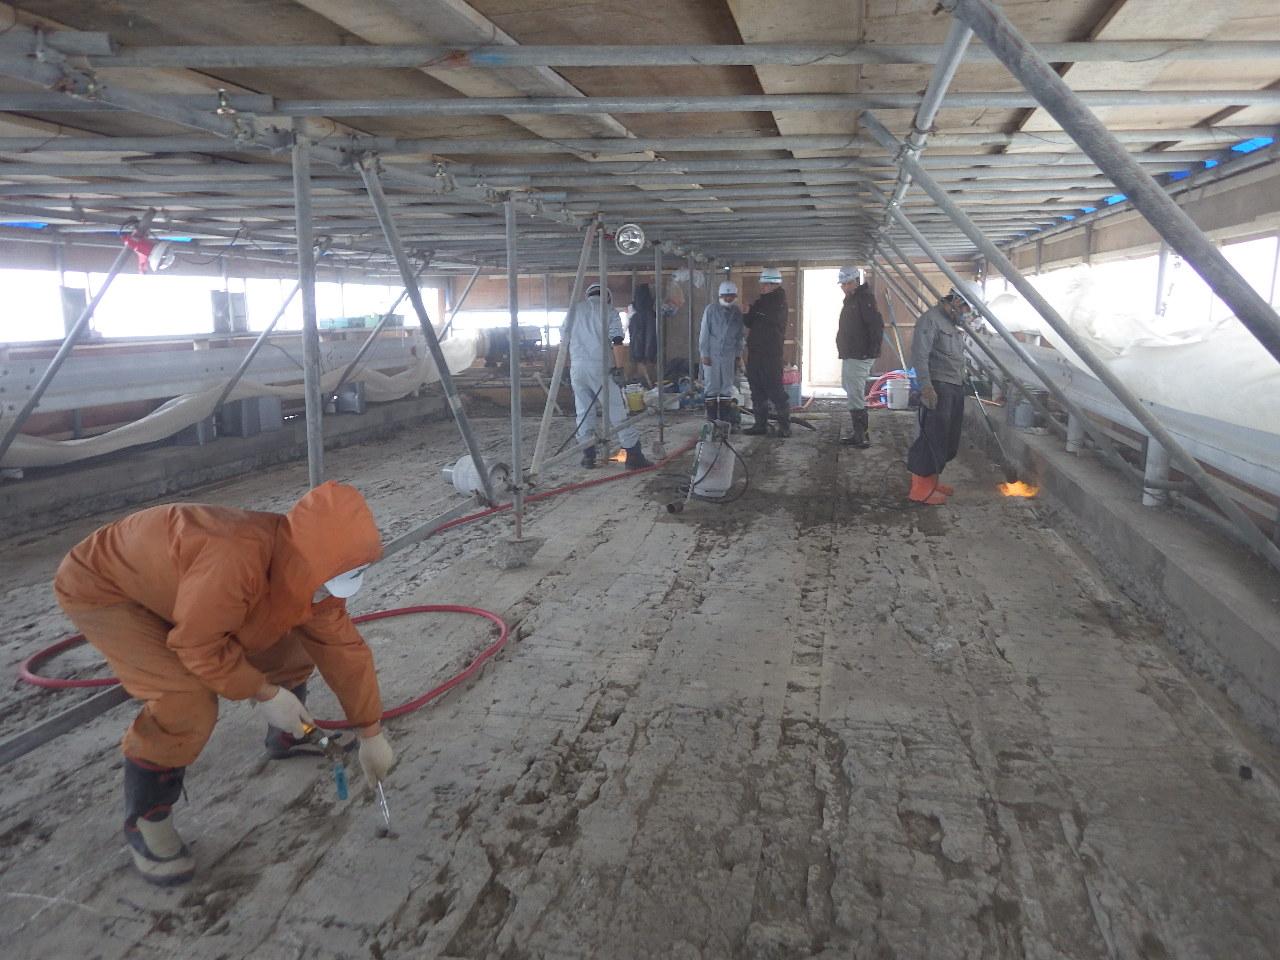 ひび割れの激しいコンクリート床版